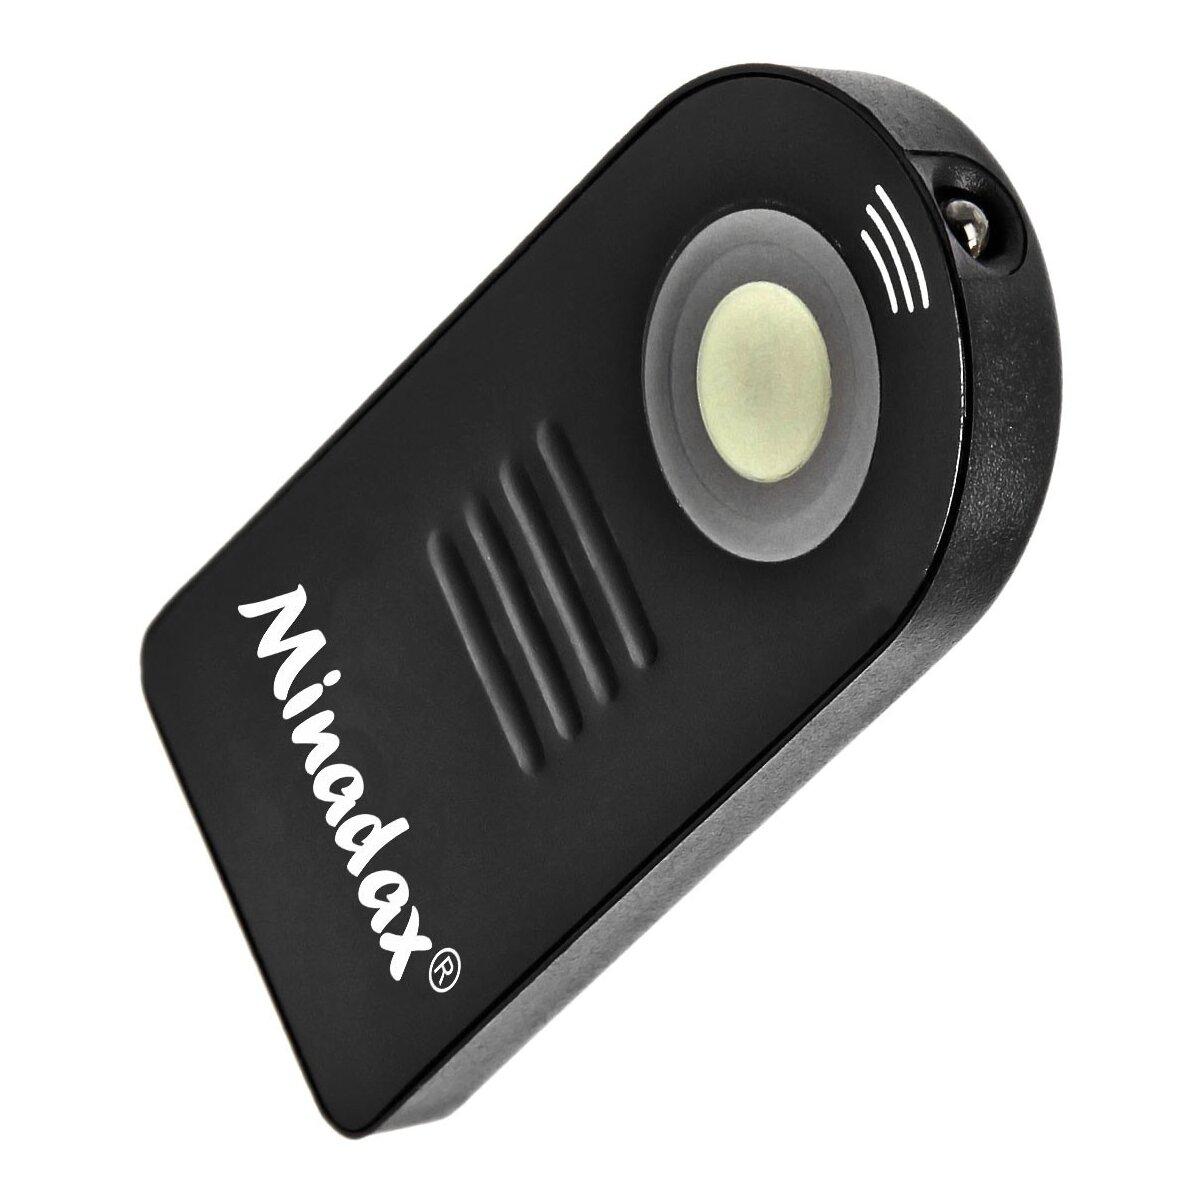 Infrarot Fernauslöser Mini kompatibel mit Canon M, 700D, 650D, 600D, 550D, 500D, 450D, 400D, 350D, 300D, 100D, 70D, 60D, 7D, 6D, 5D Mark III, 5D Mark II, Powershot G6, G5, G3 Ersatz für RC1 und RC5